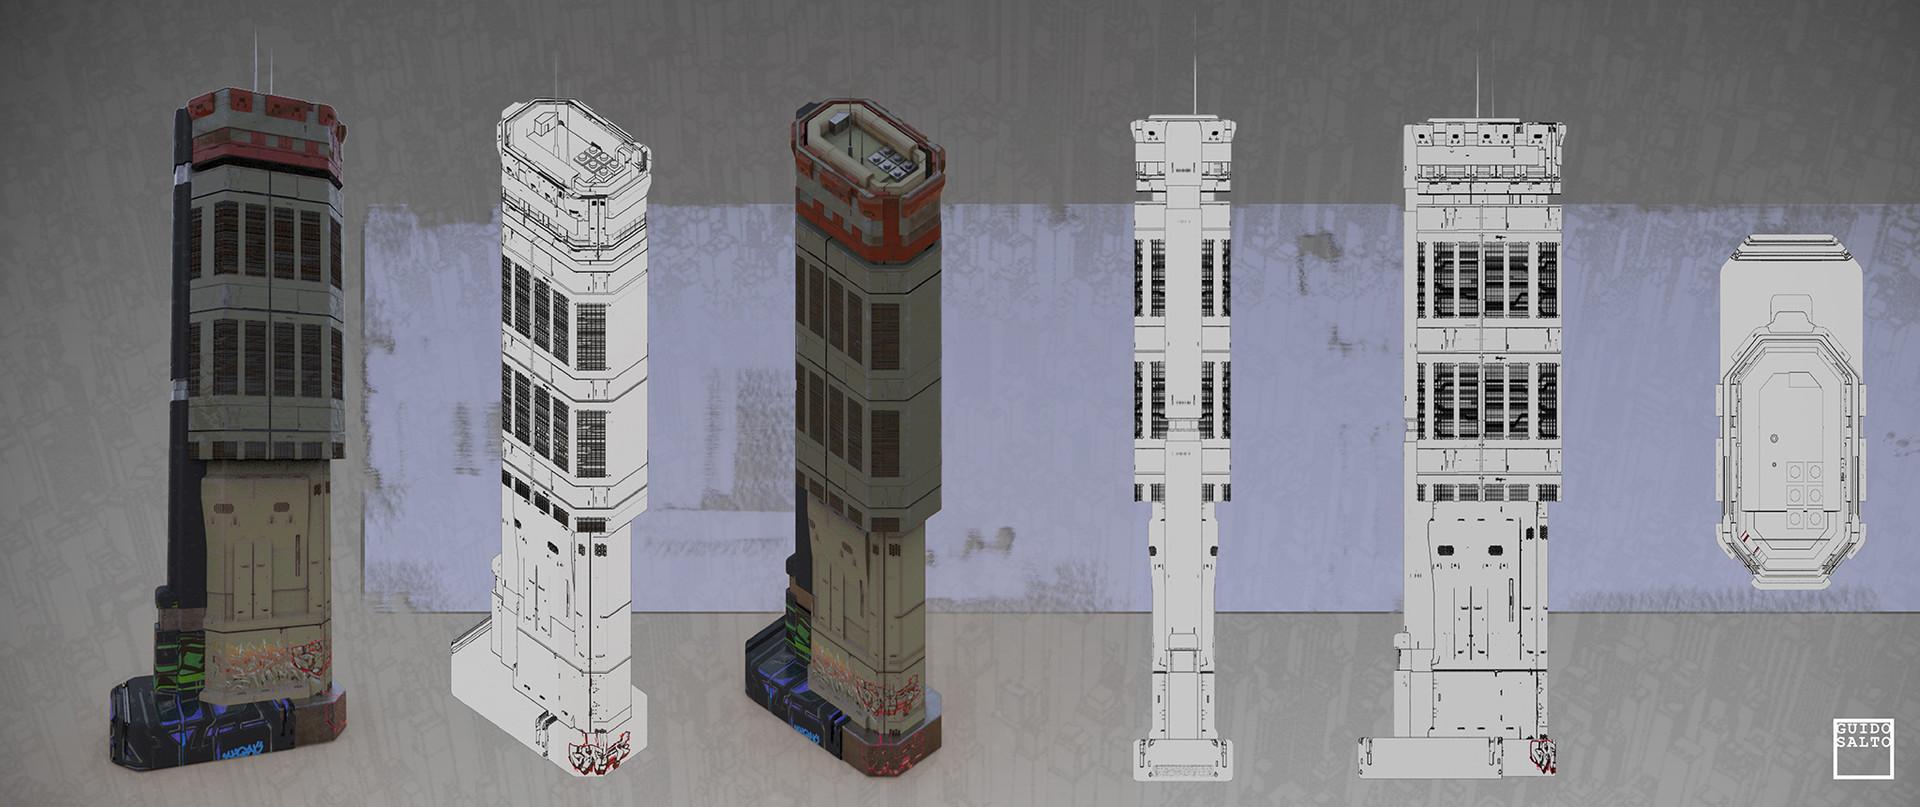 Small/medium Density Building